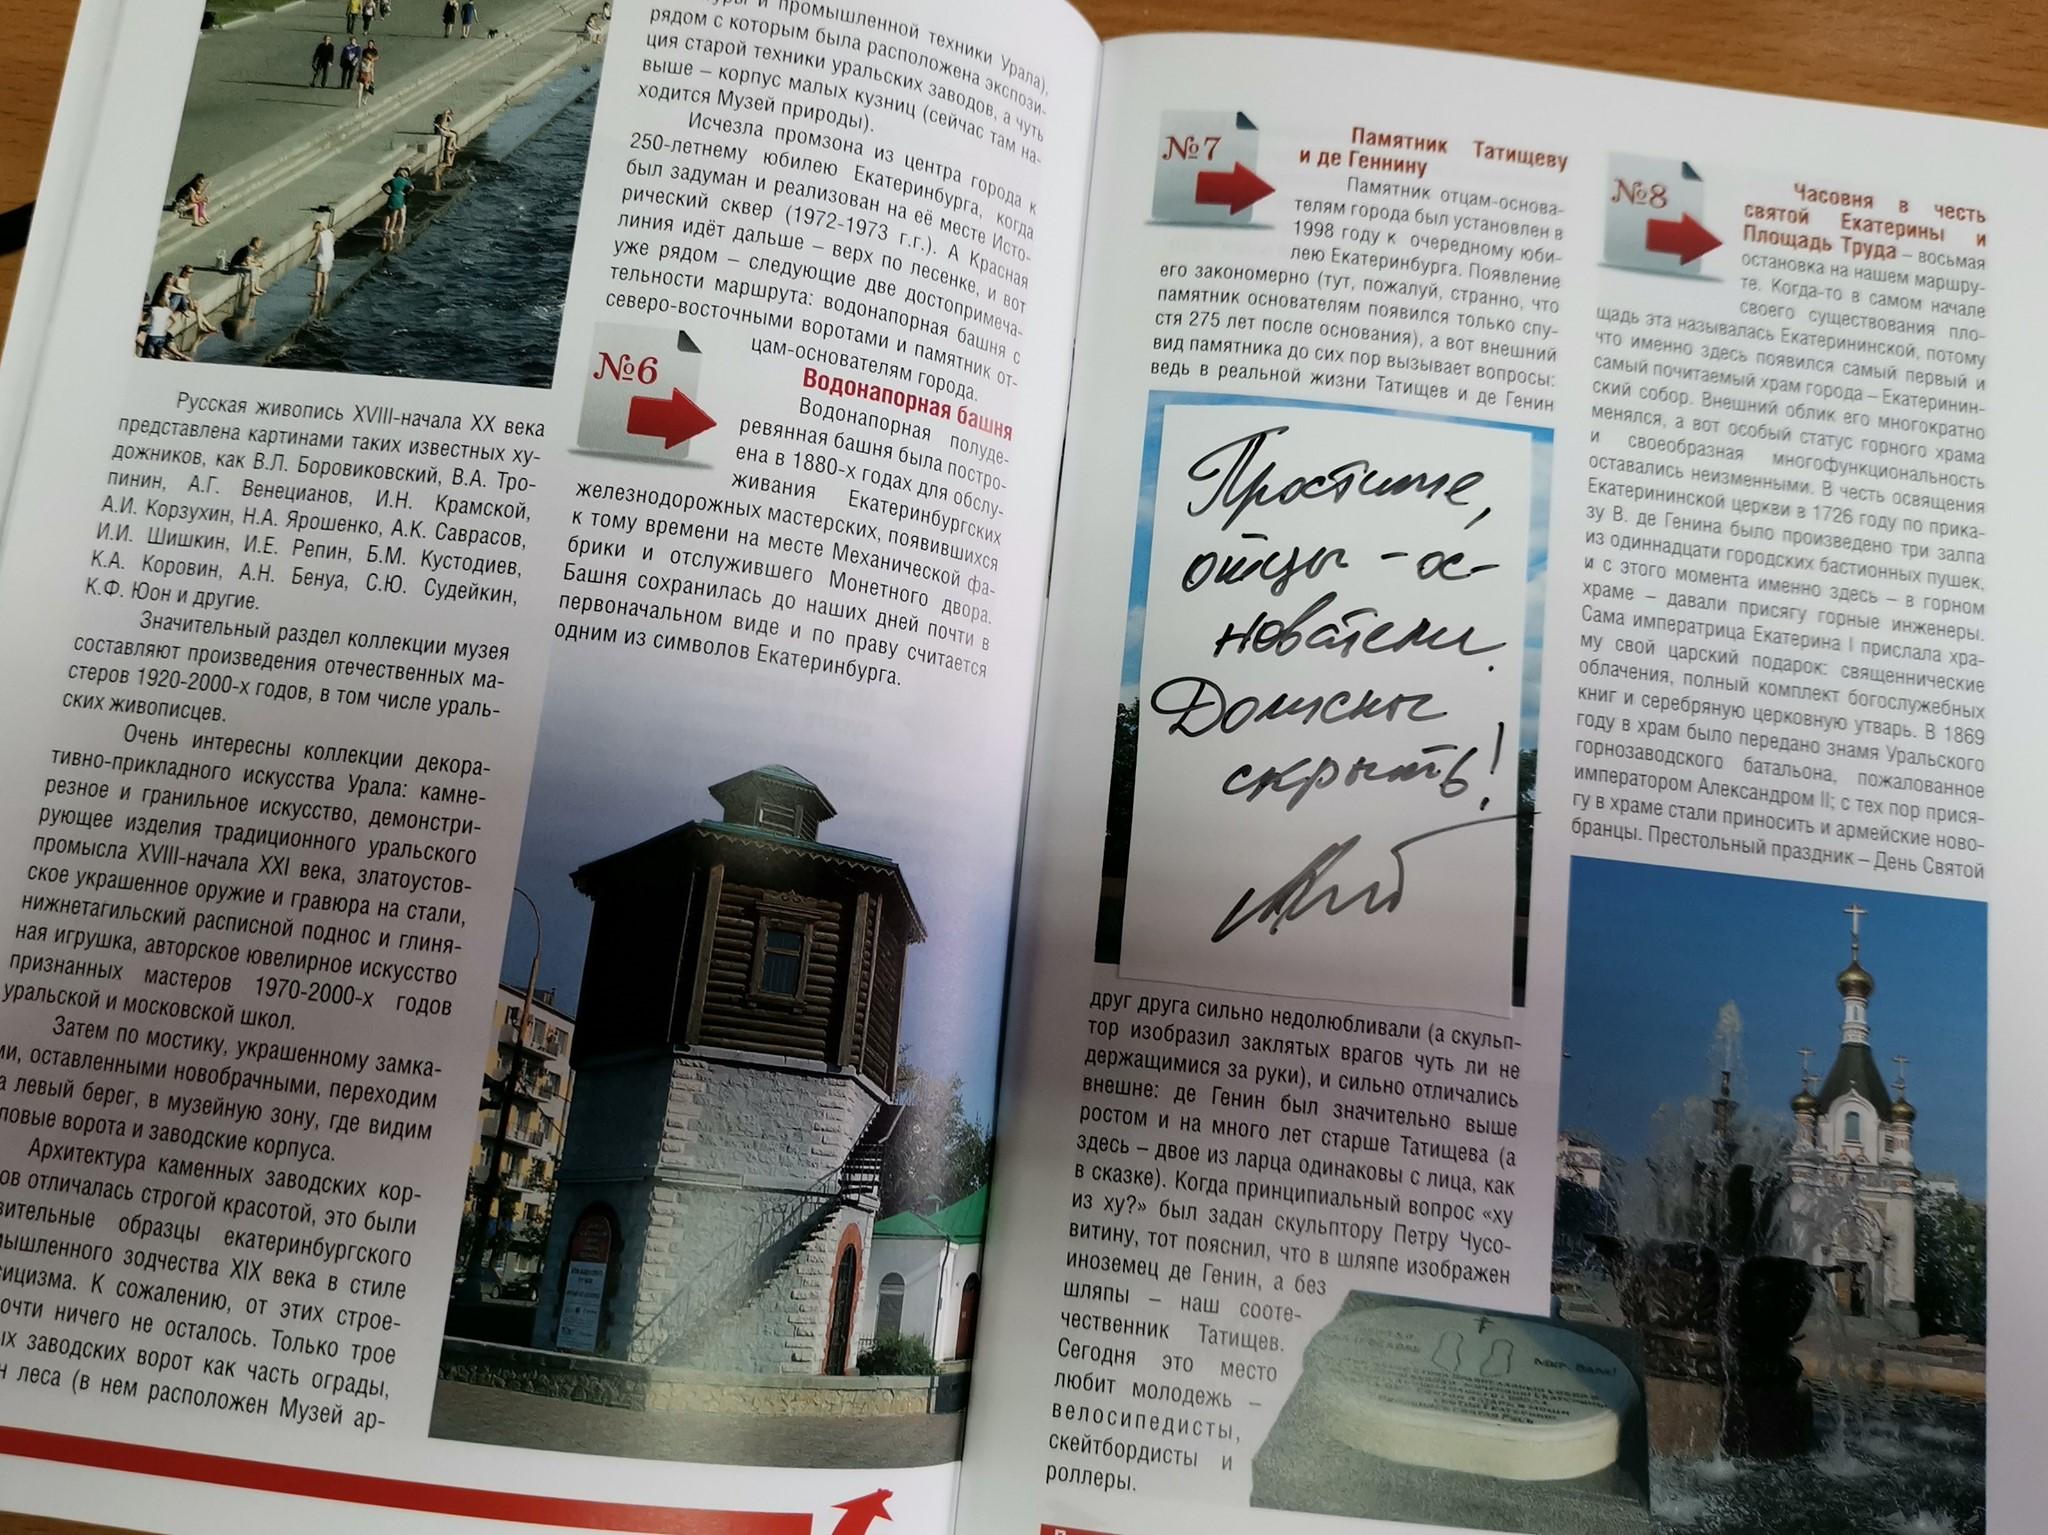 Авторы путеводителя по Екатеринбургу заклеивают фотографии с памятником основателям